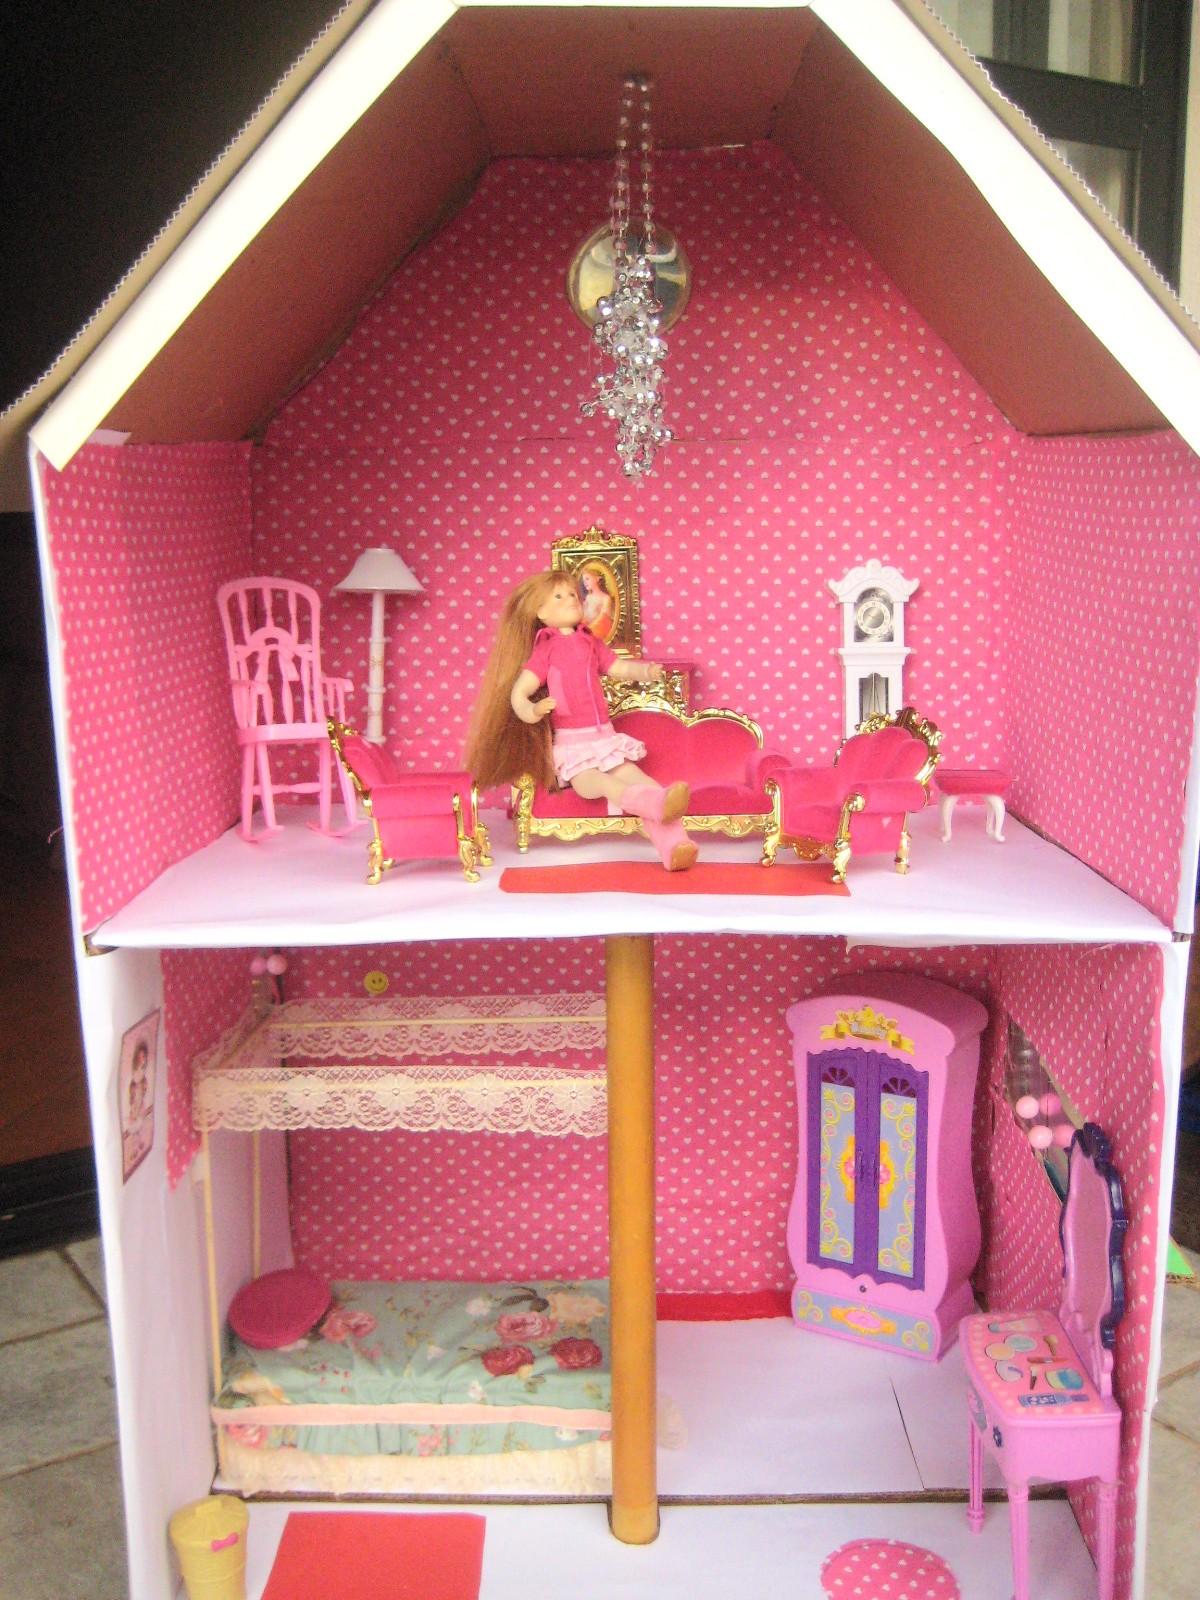 retalhos de tecido contas e uma caixa de papelão achada no lixo #A85D23 1200x1600 Banheiro Da Barbie De Papelão